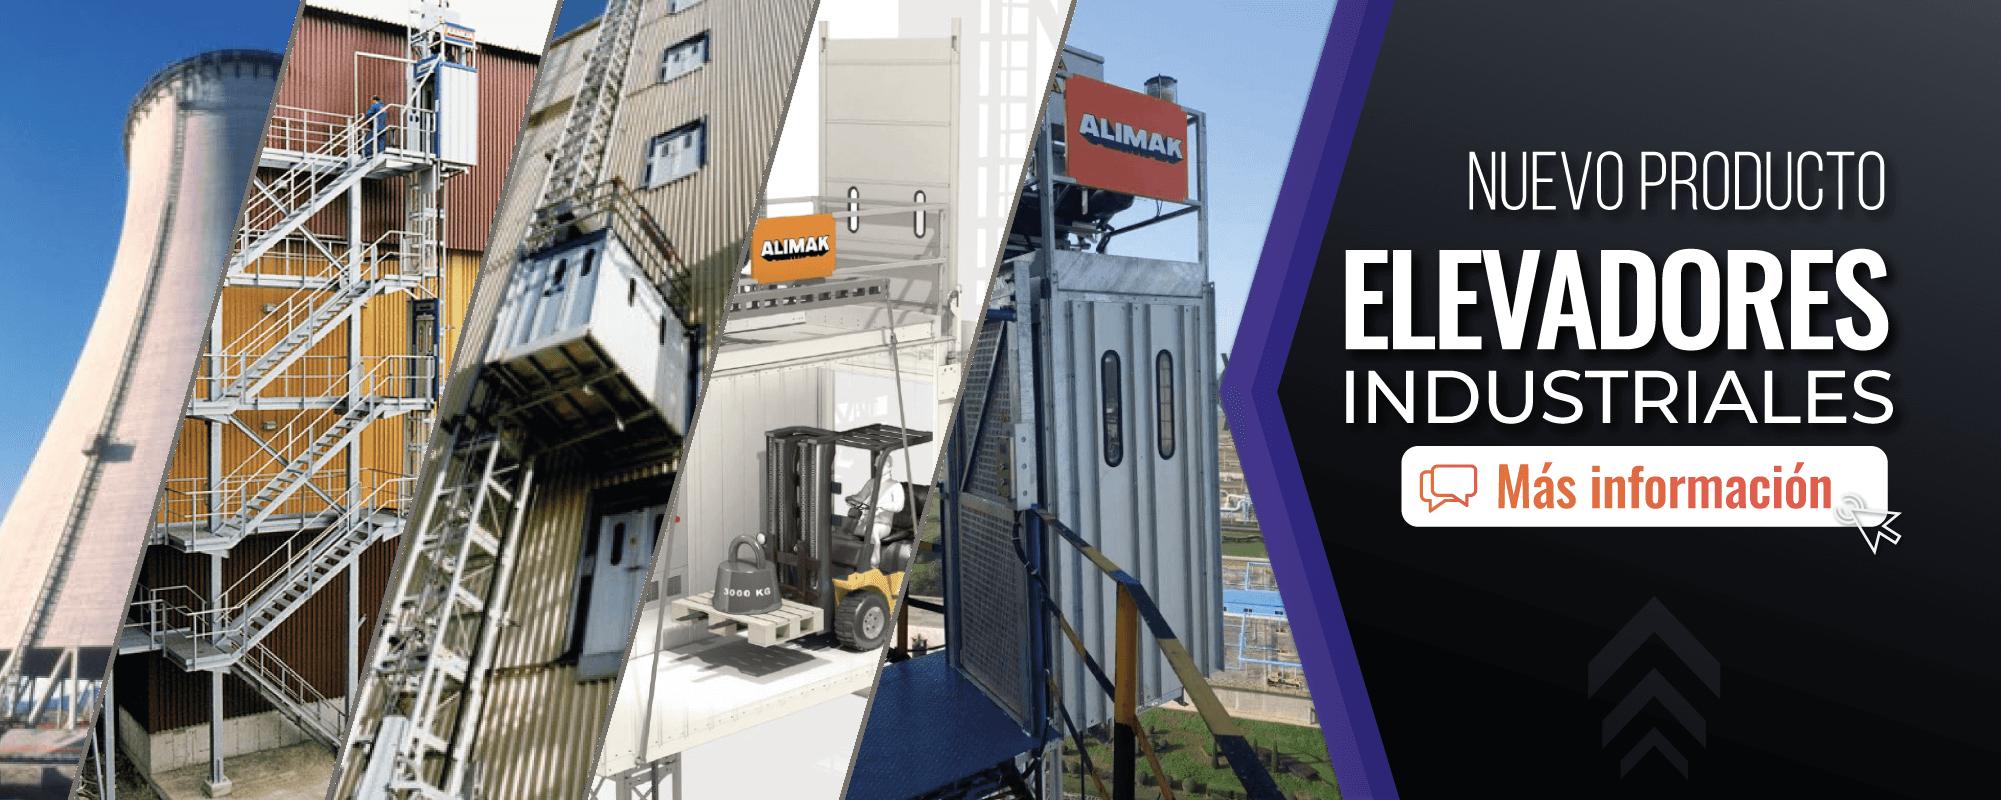 elevadores-industriales-alimak-imocom